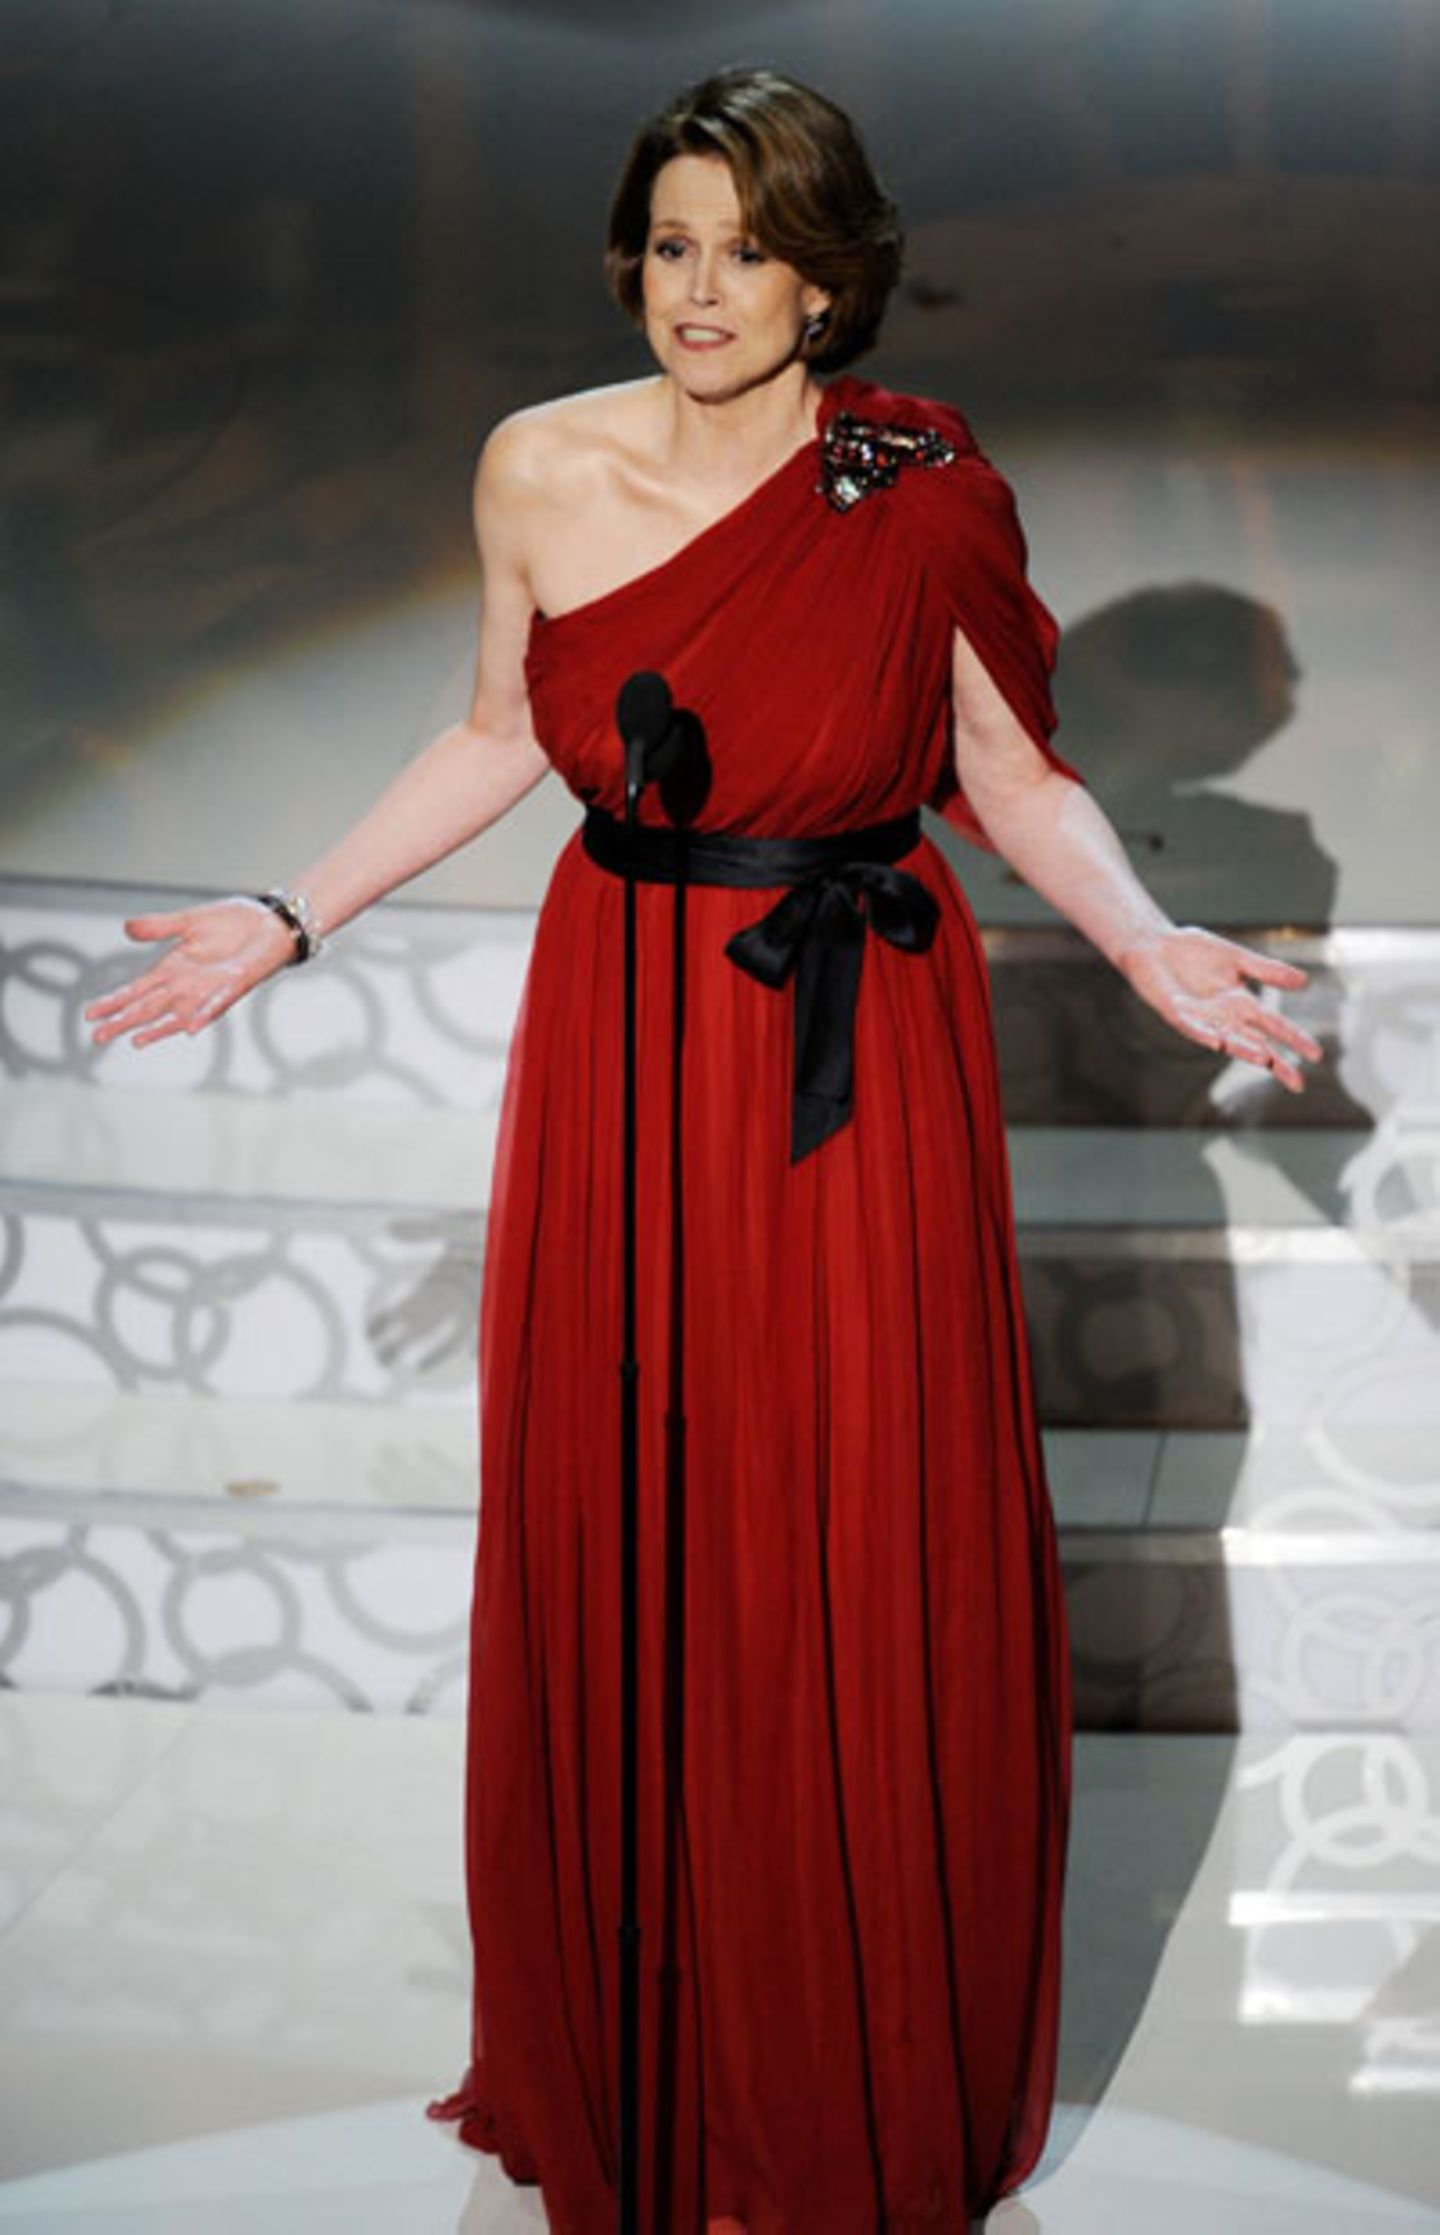 """Sigourney Weaver Der immer noch verdammt durchtrainierte """"Alien""""-Star kam in einer tomatenroten Abendrobe mit schwarzer Satin-Schleife. Zwar steht ihr der One-Shoulder-Look sehr gut, aber der Schnitt der Robe erinnert zu sehr an eine römische Toga, und außerdem beißt sich ein rotes Kleid so gut wie immer mit dem roten Teppich."""